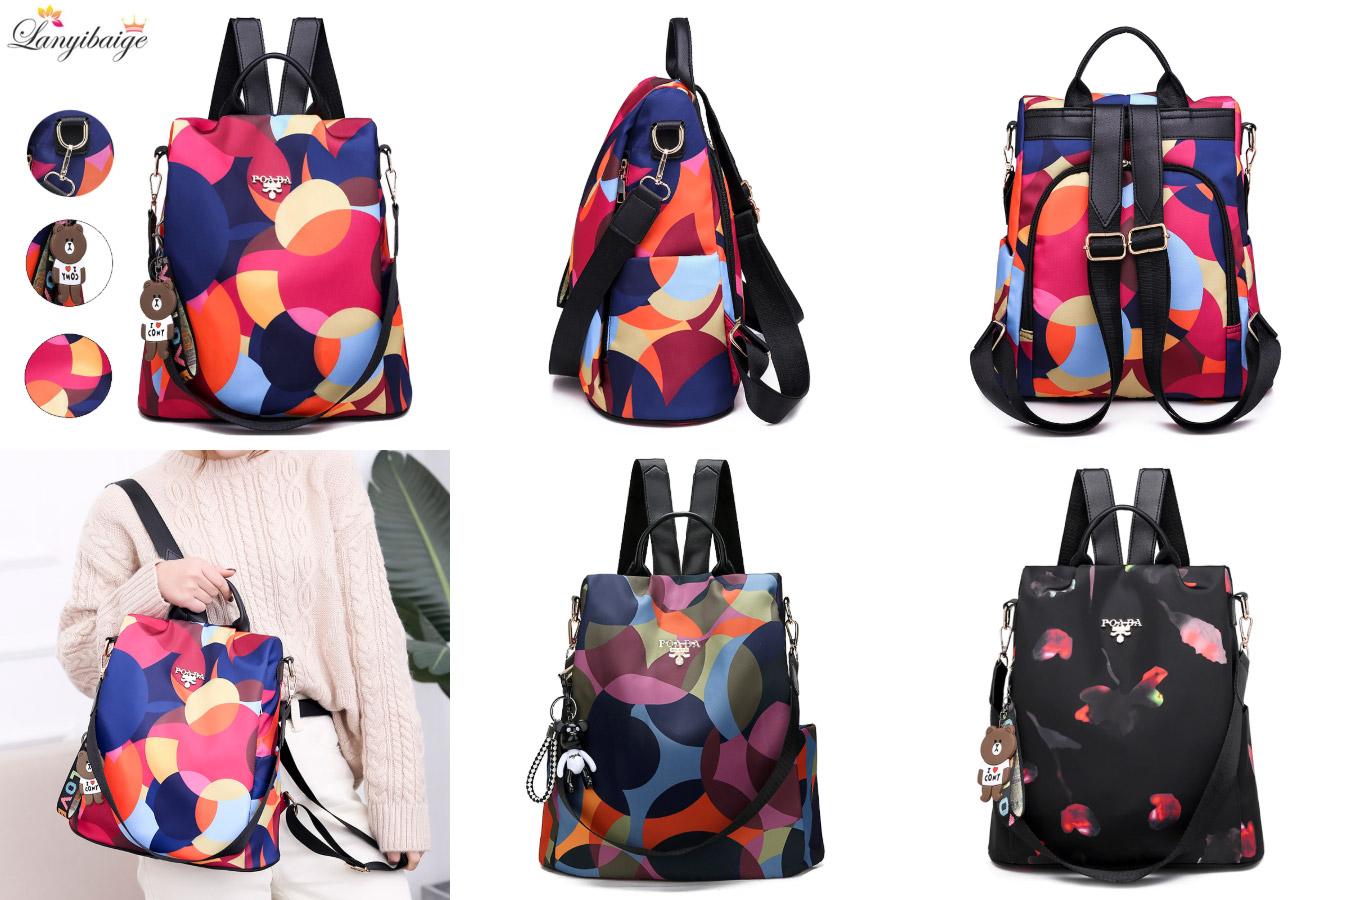 Яркий рюкзак для смелых девушек